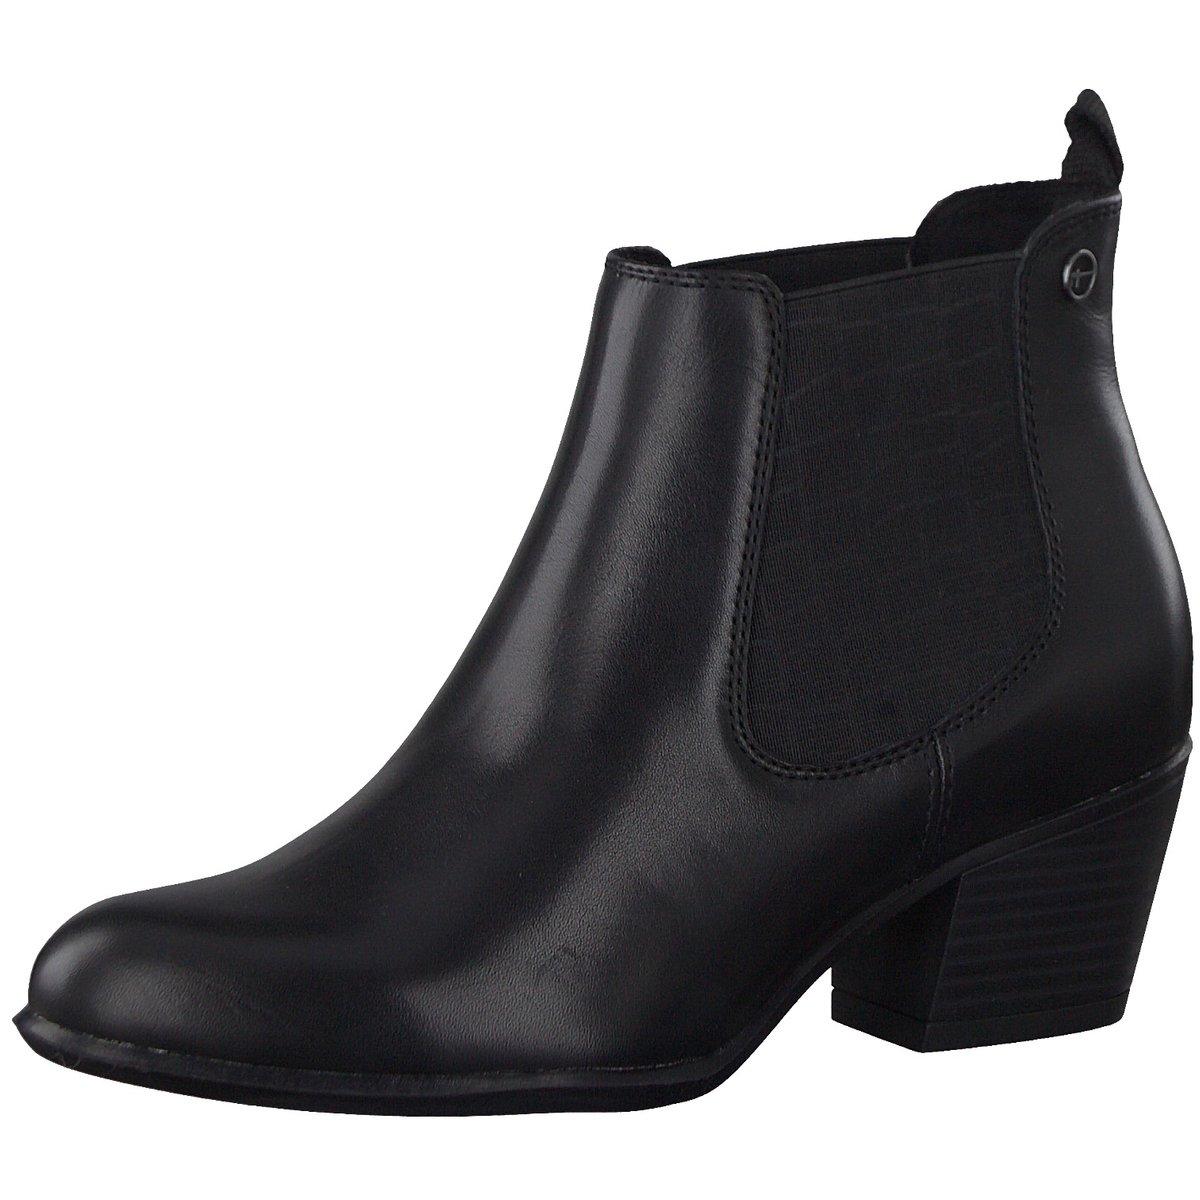 Details zu Tamaris Damen Stiefeletten Tamaris Stiefelette black 1 1 25701 23001 schwarz